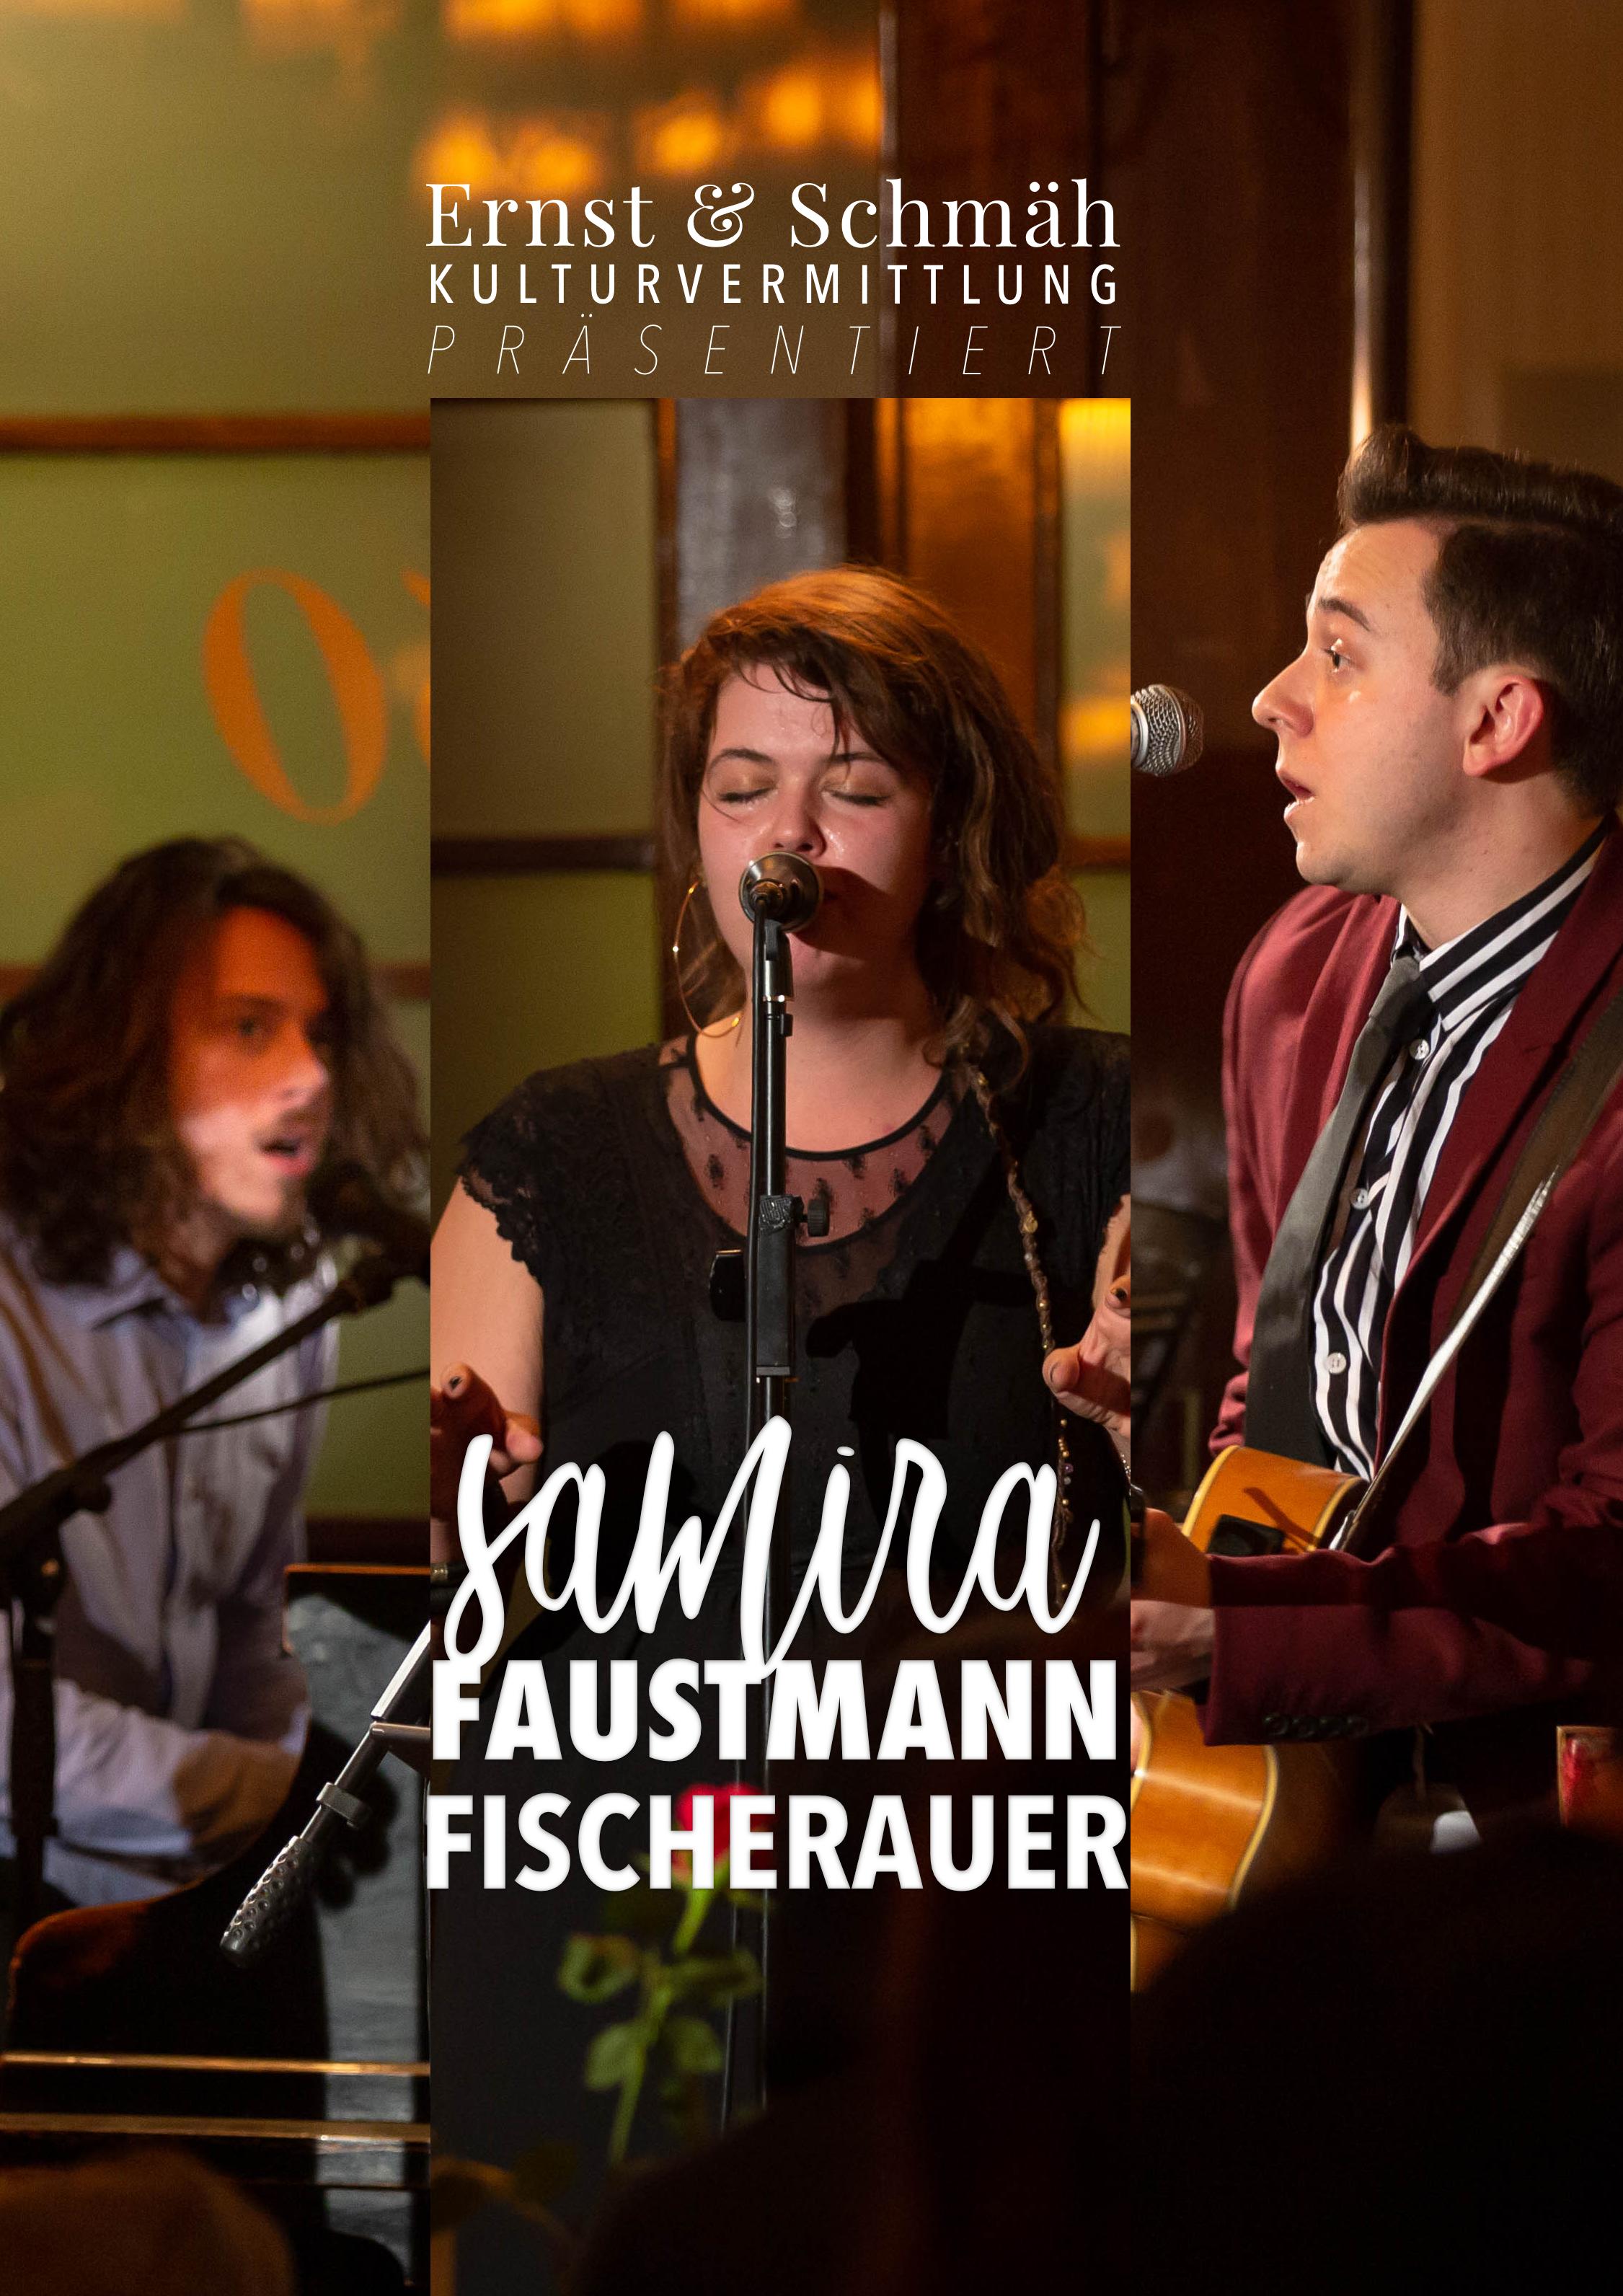 samira-faustmann-fischerauer-schmid-hansl-poster.png